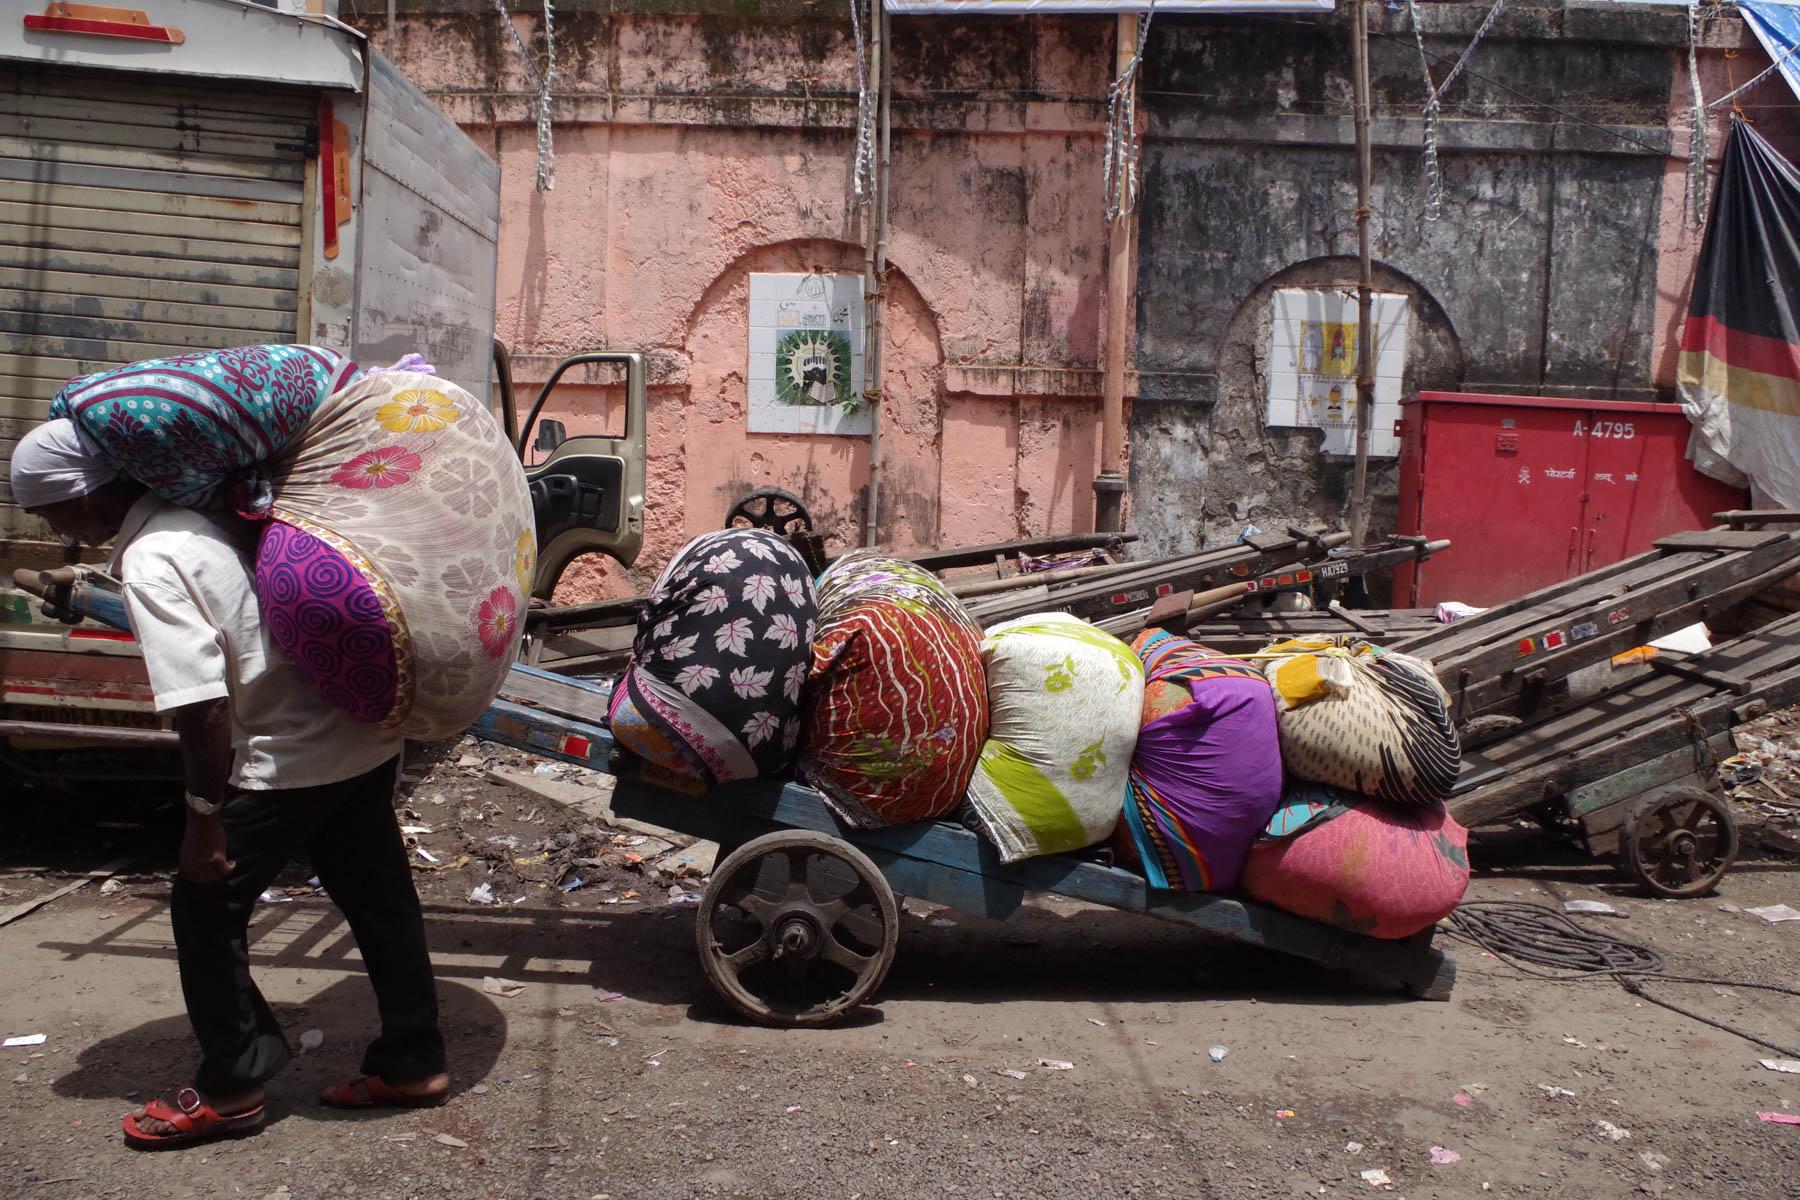 ムンバイ 巨大洗濯工場 ドービーガート 洗濯物を乗せた大八車